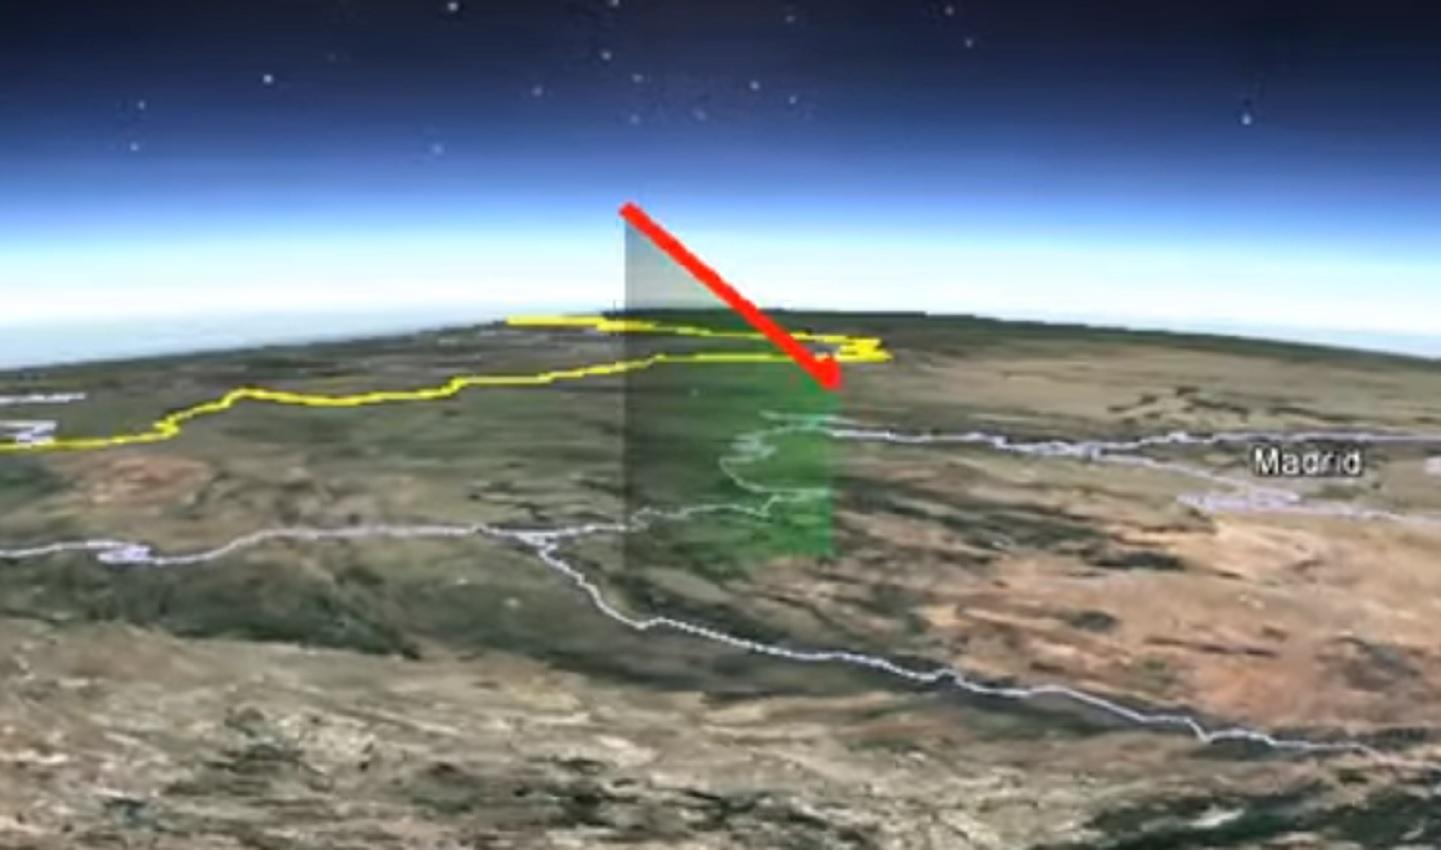 La bola de fuego fue visible hasta de 500 kilómetros de distancia.